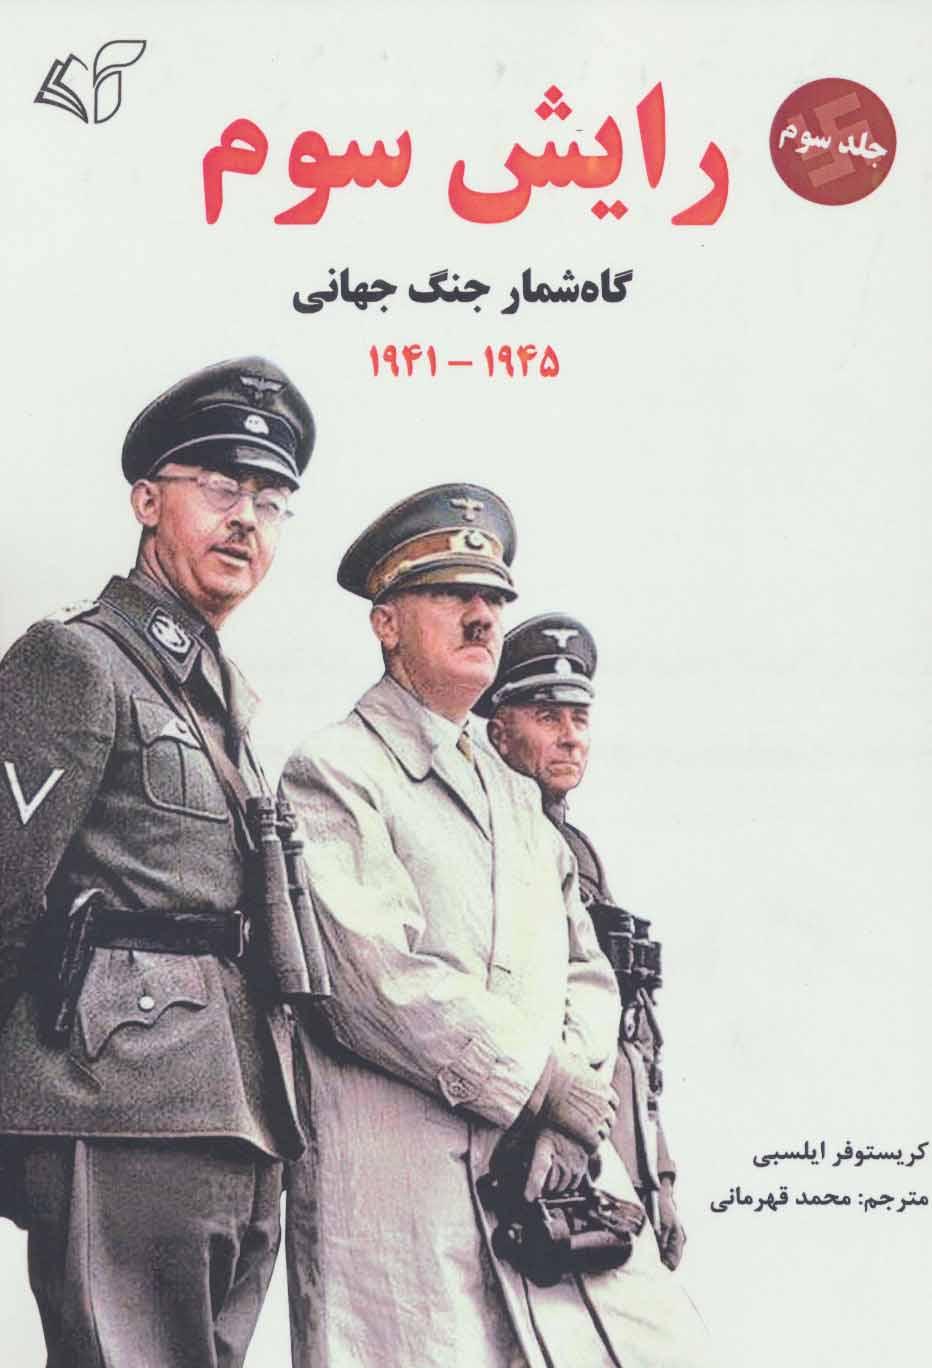 رایش سوم 3 (گاه شمار جنگ جهانی،1945-1941)